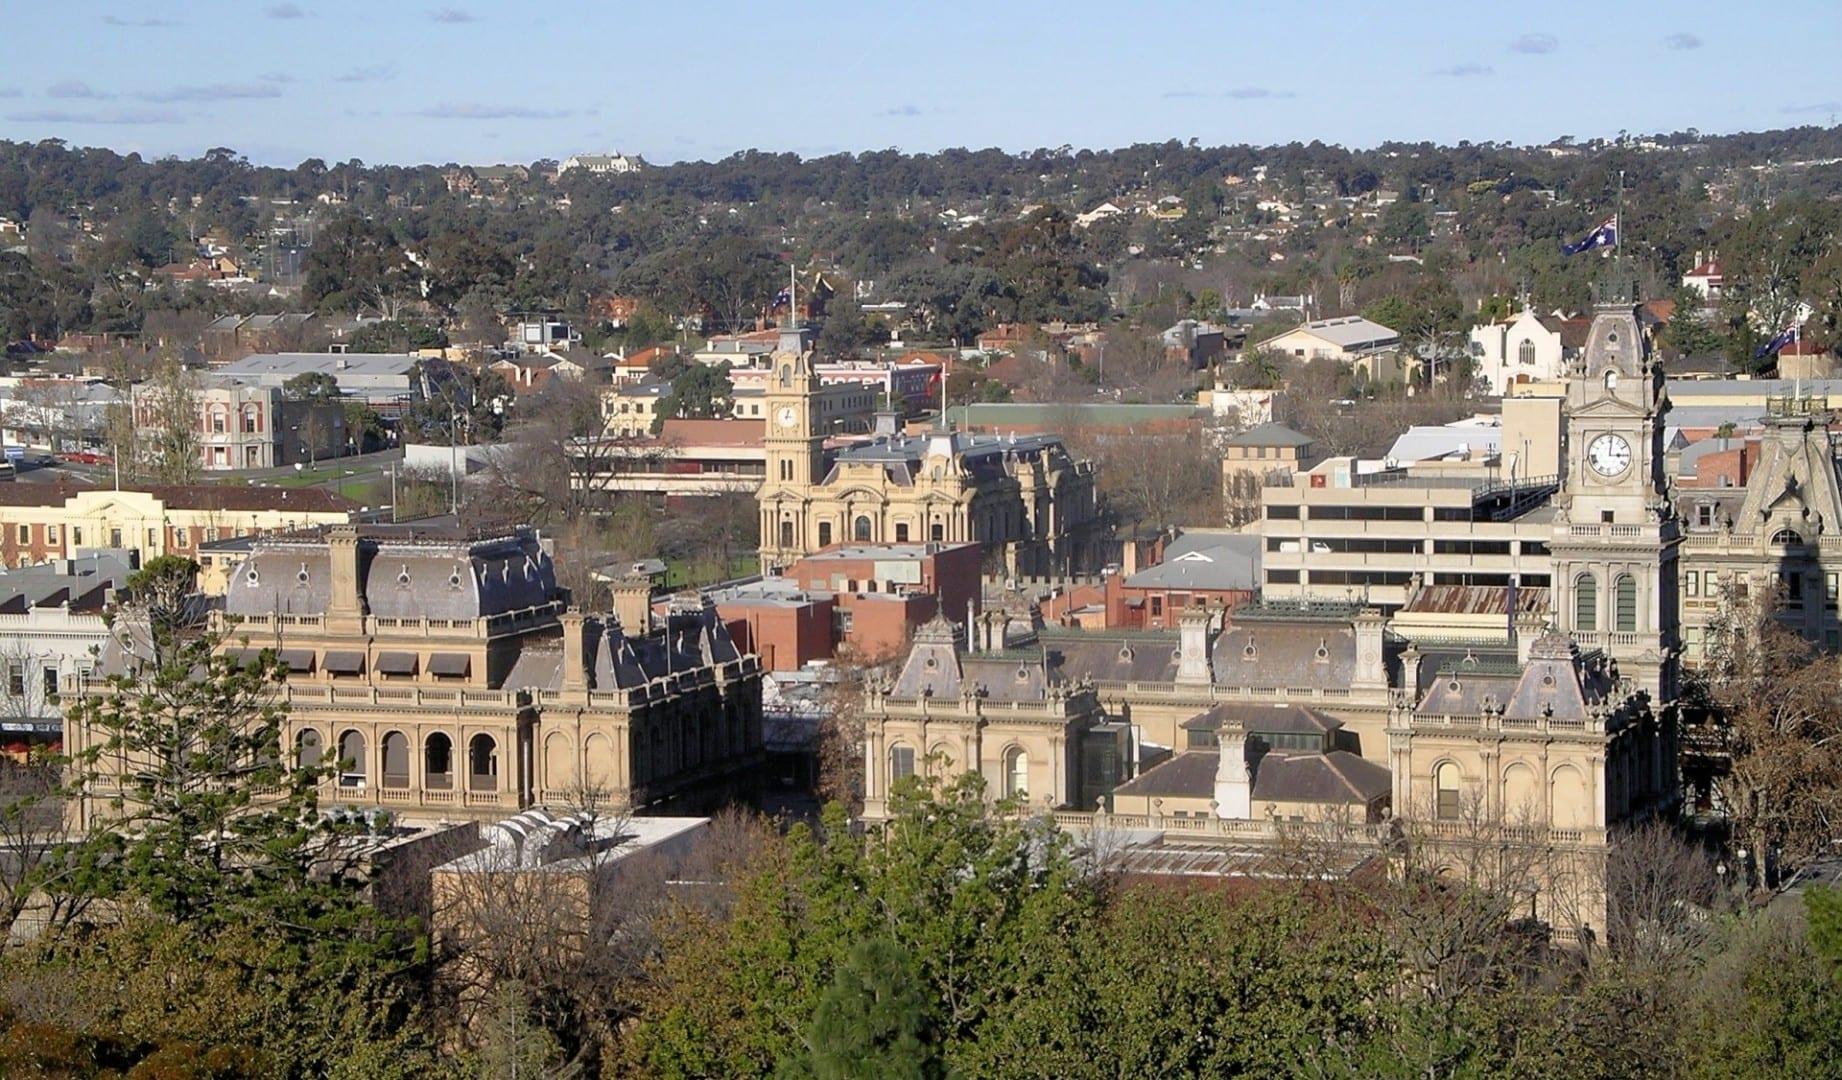 Vista del Bendigo central desde los jardines botánicos Bendigo Australia